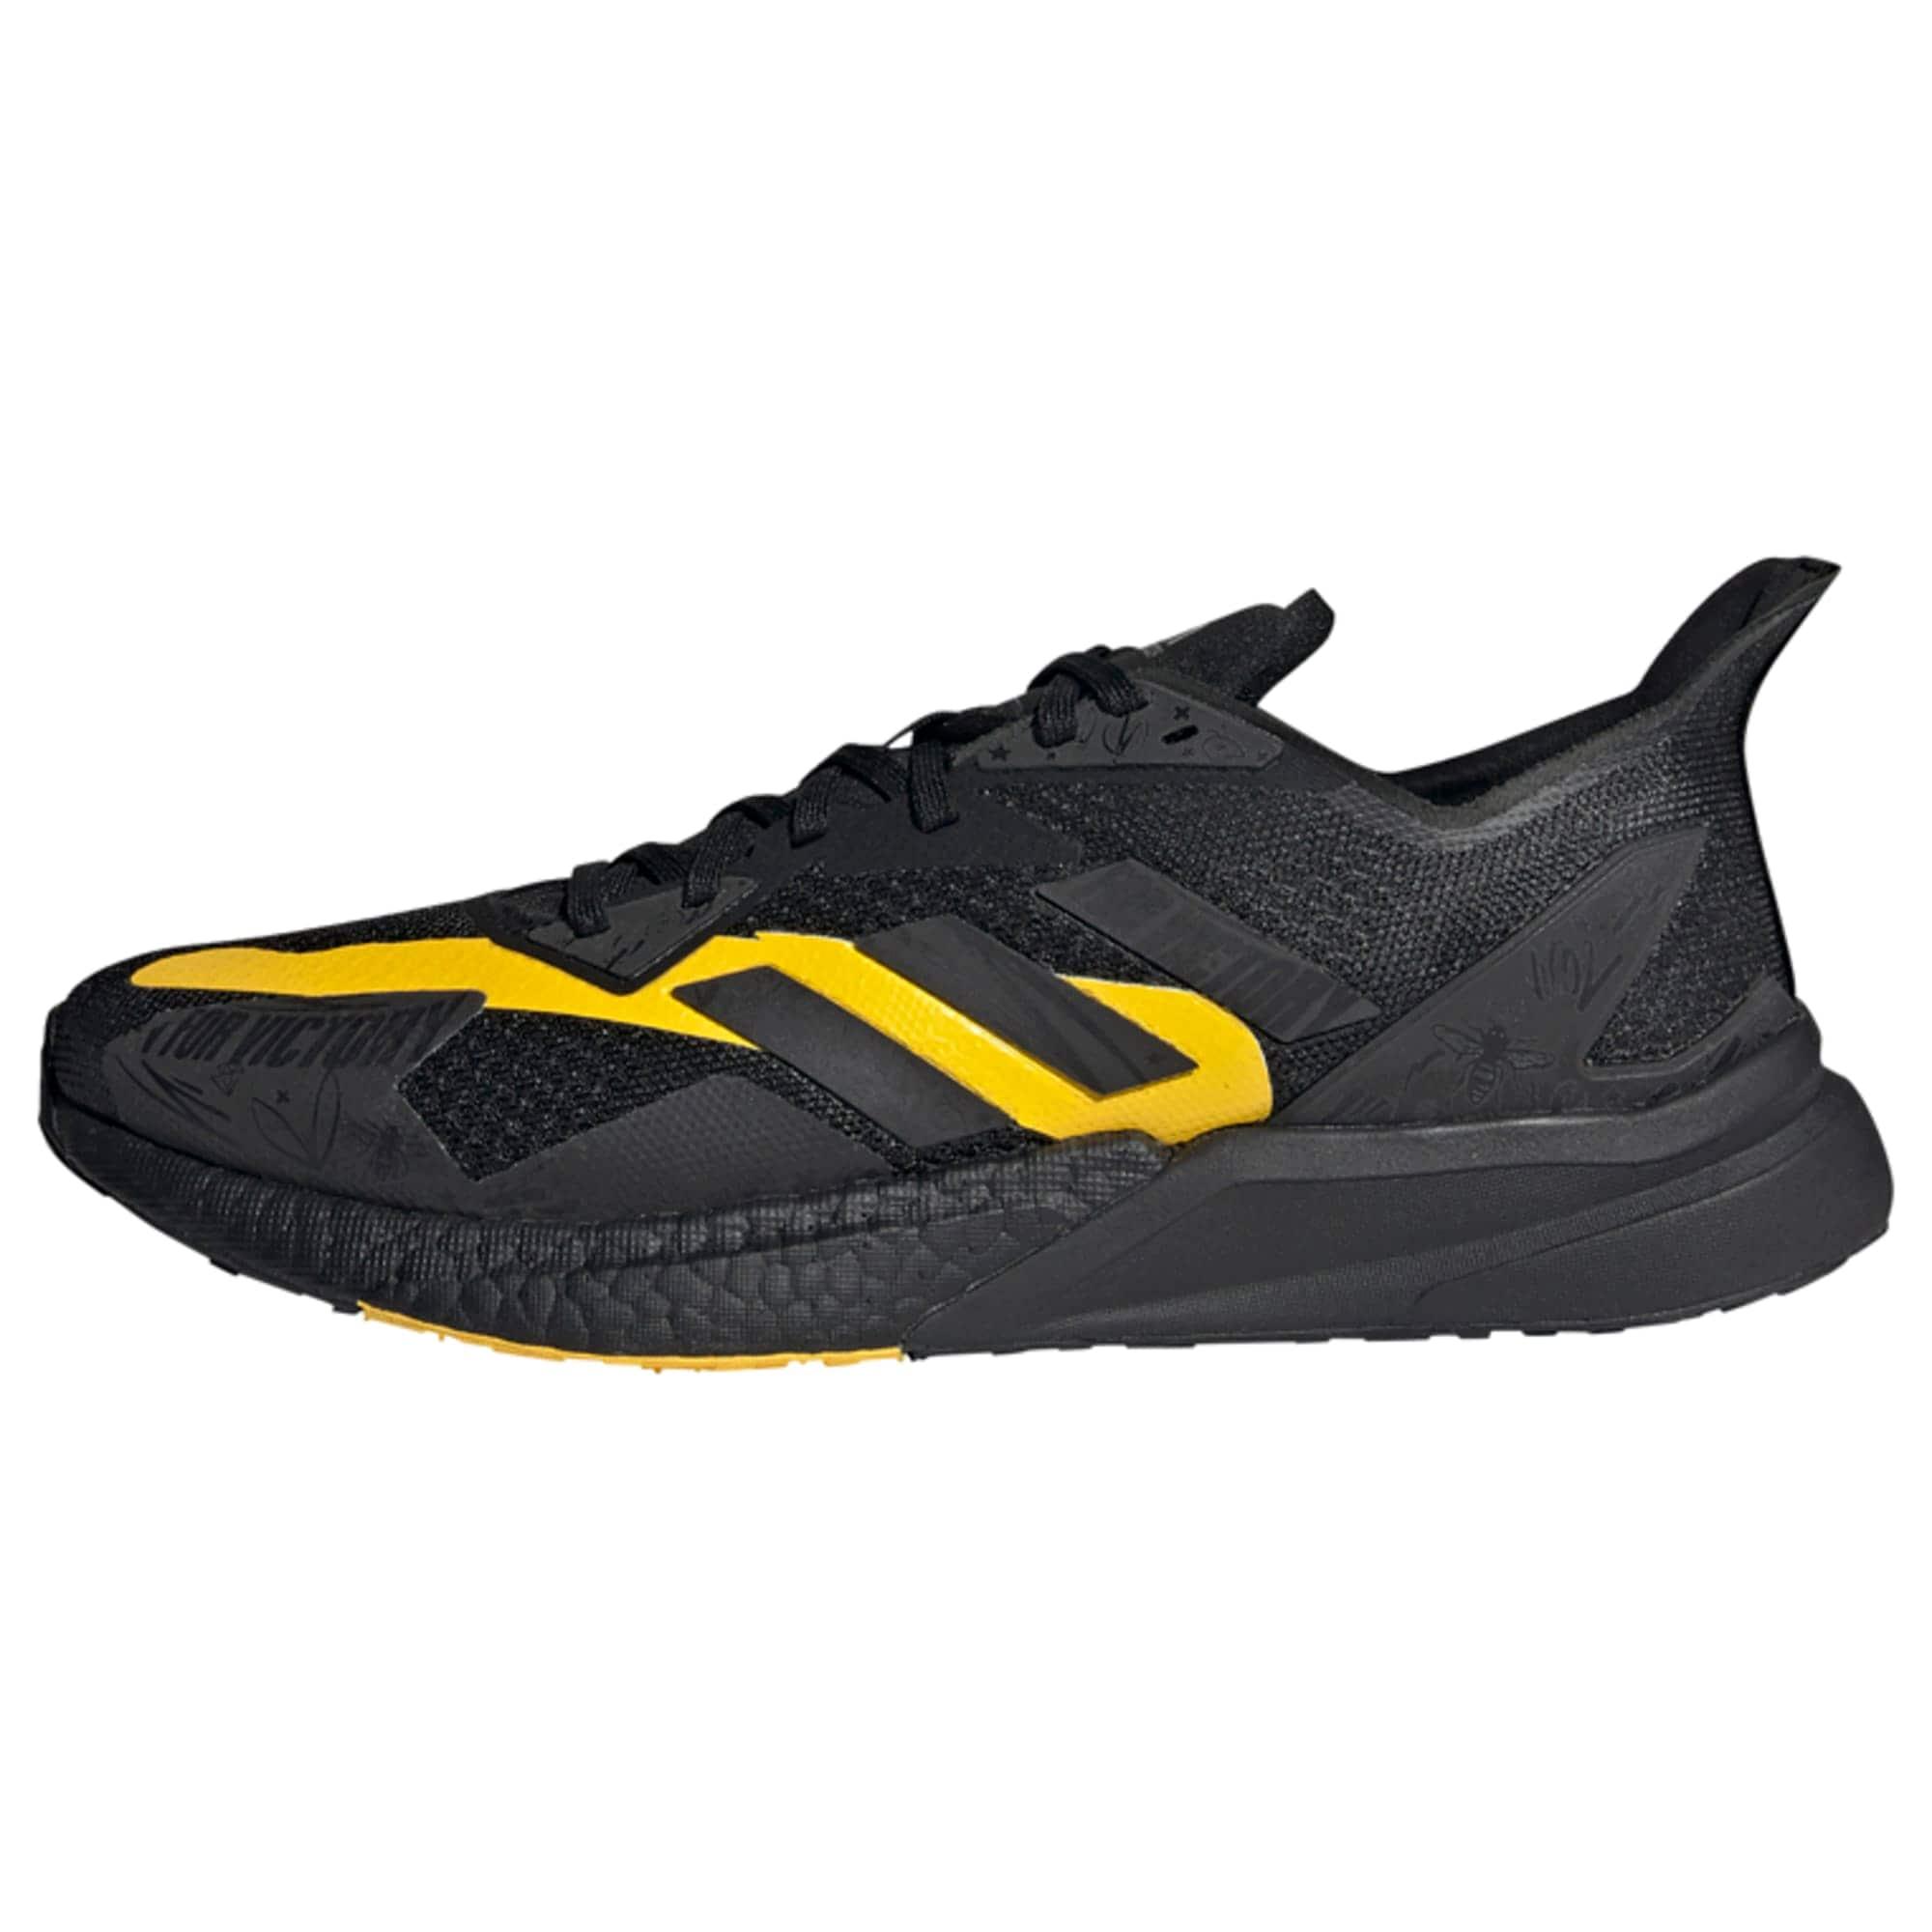 ADIDAS PERFORMANCE Bėgimo batai juoda / tamsiai geltona